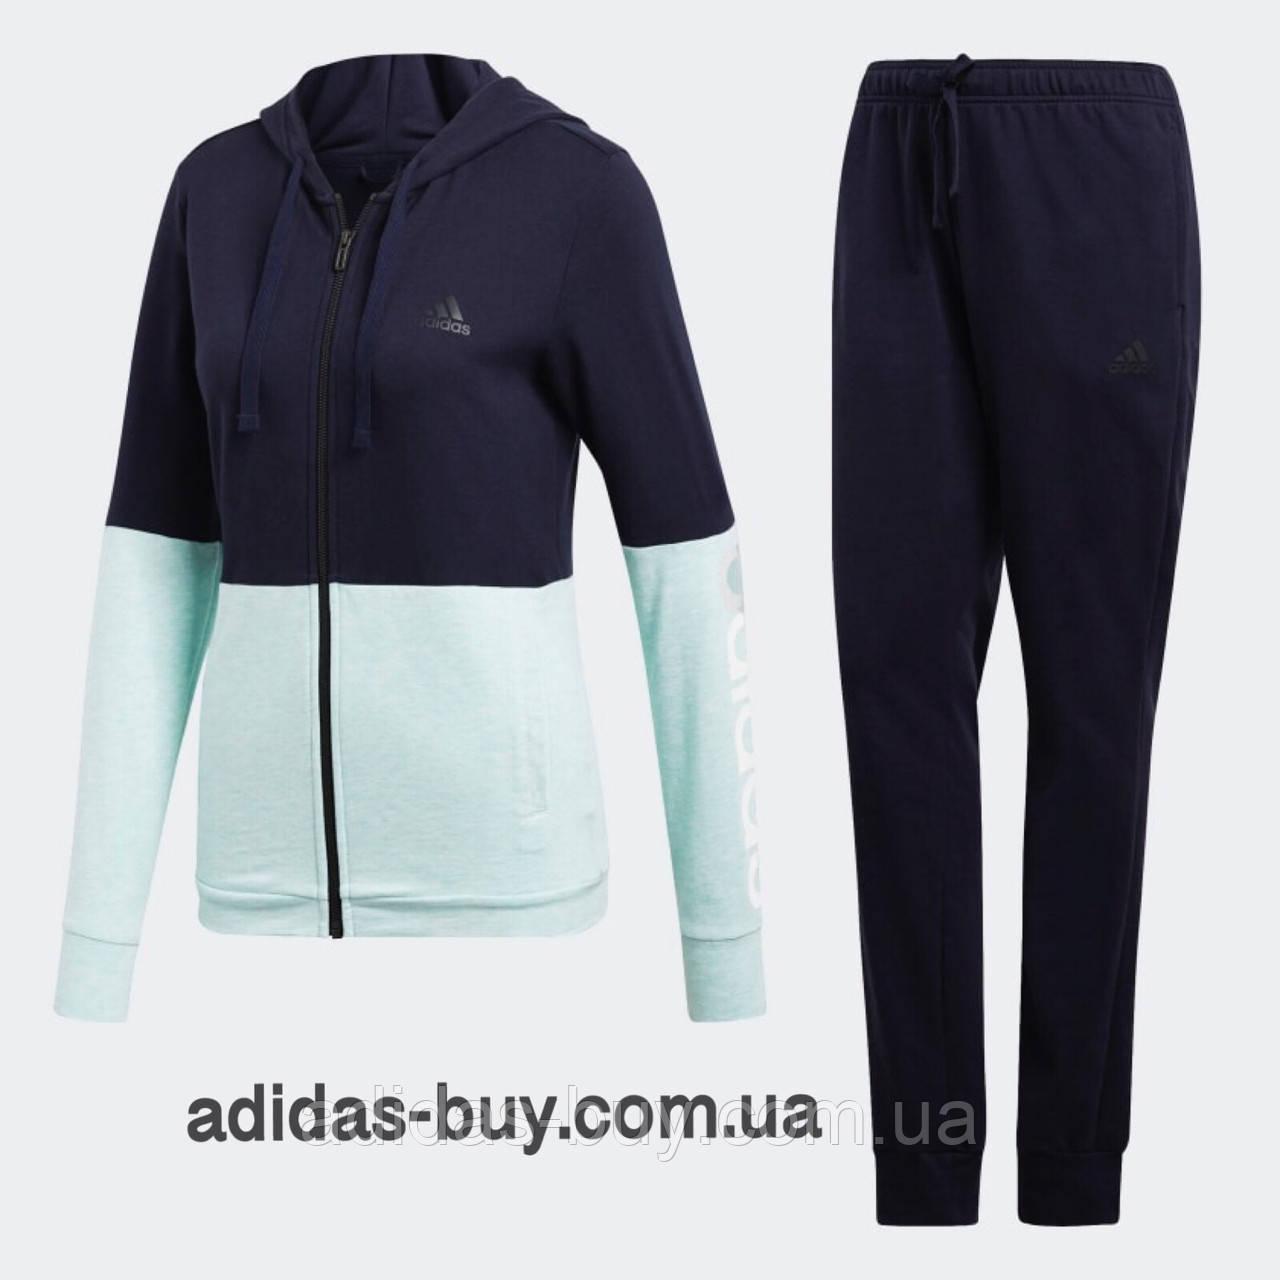 bd013fd2942 Женский костюм adidas оригинальный WTS CO MARKER CY3509 цвет  синий  салатовый - ORIGINAL SHOES